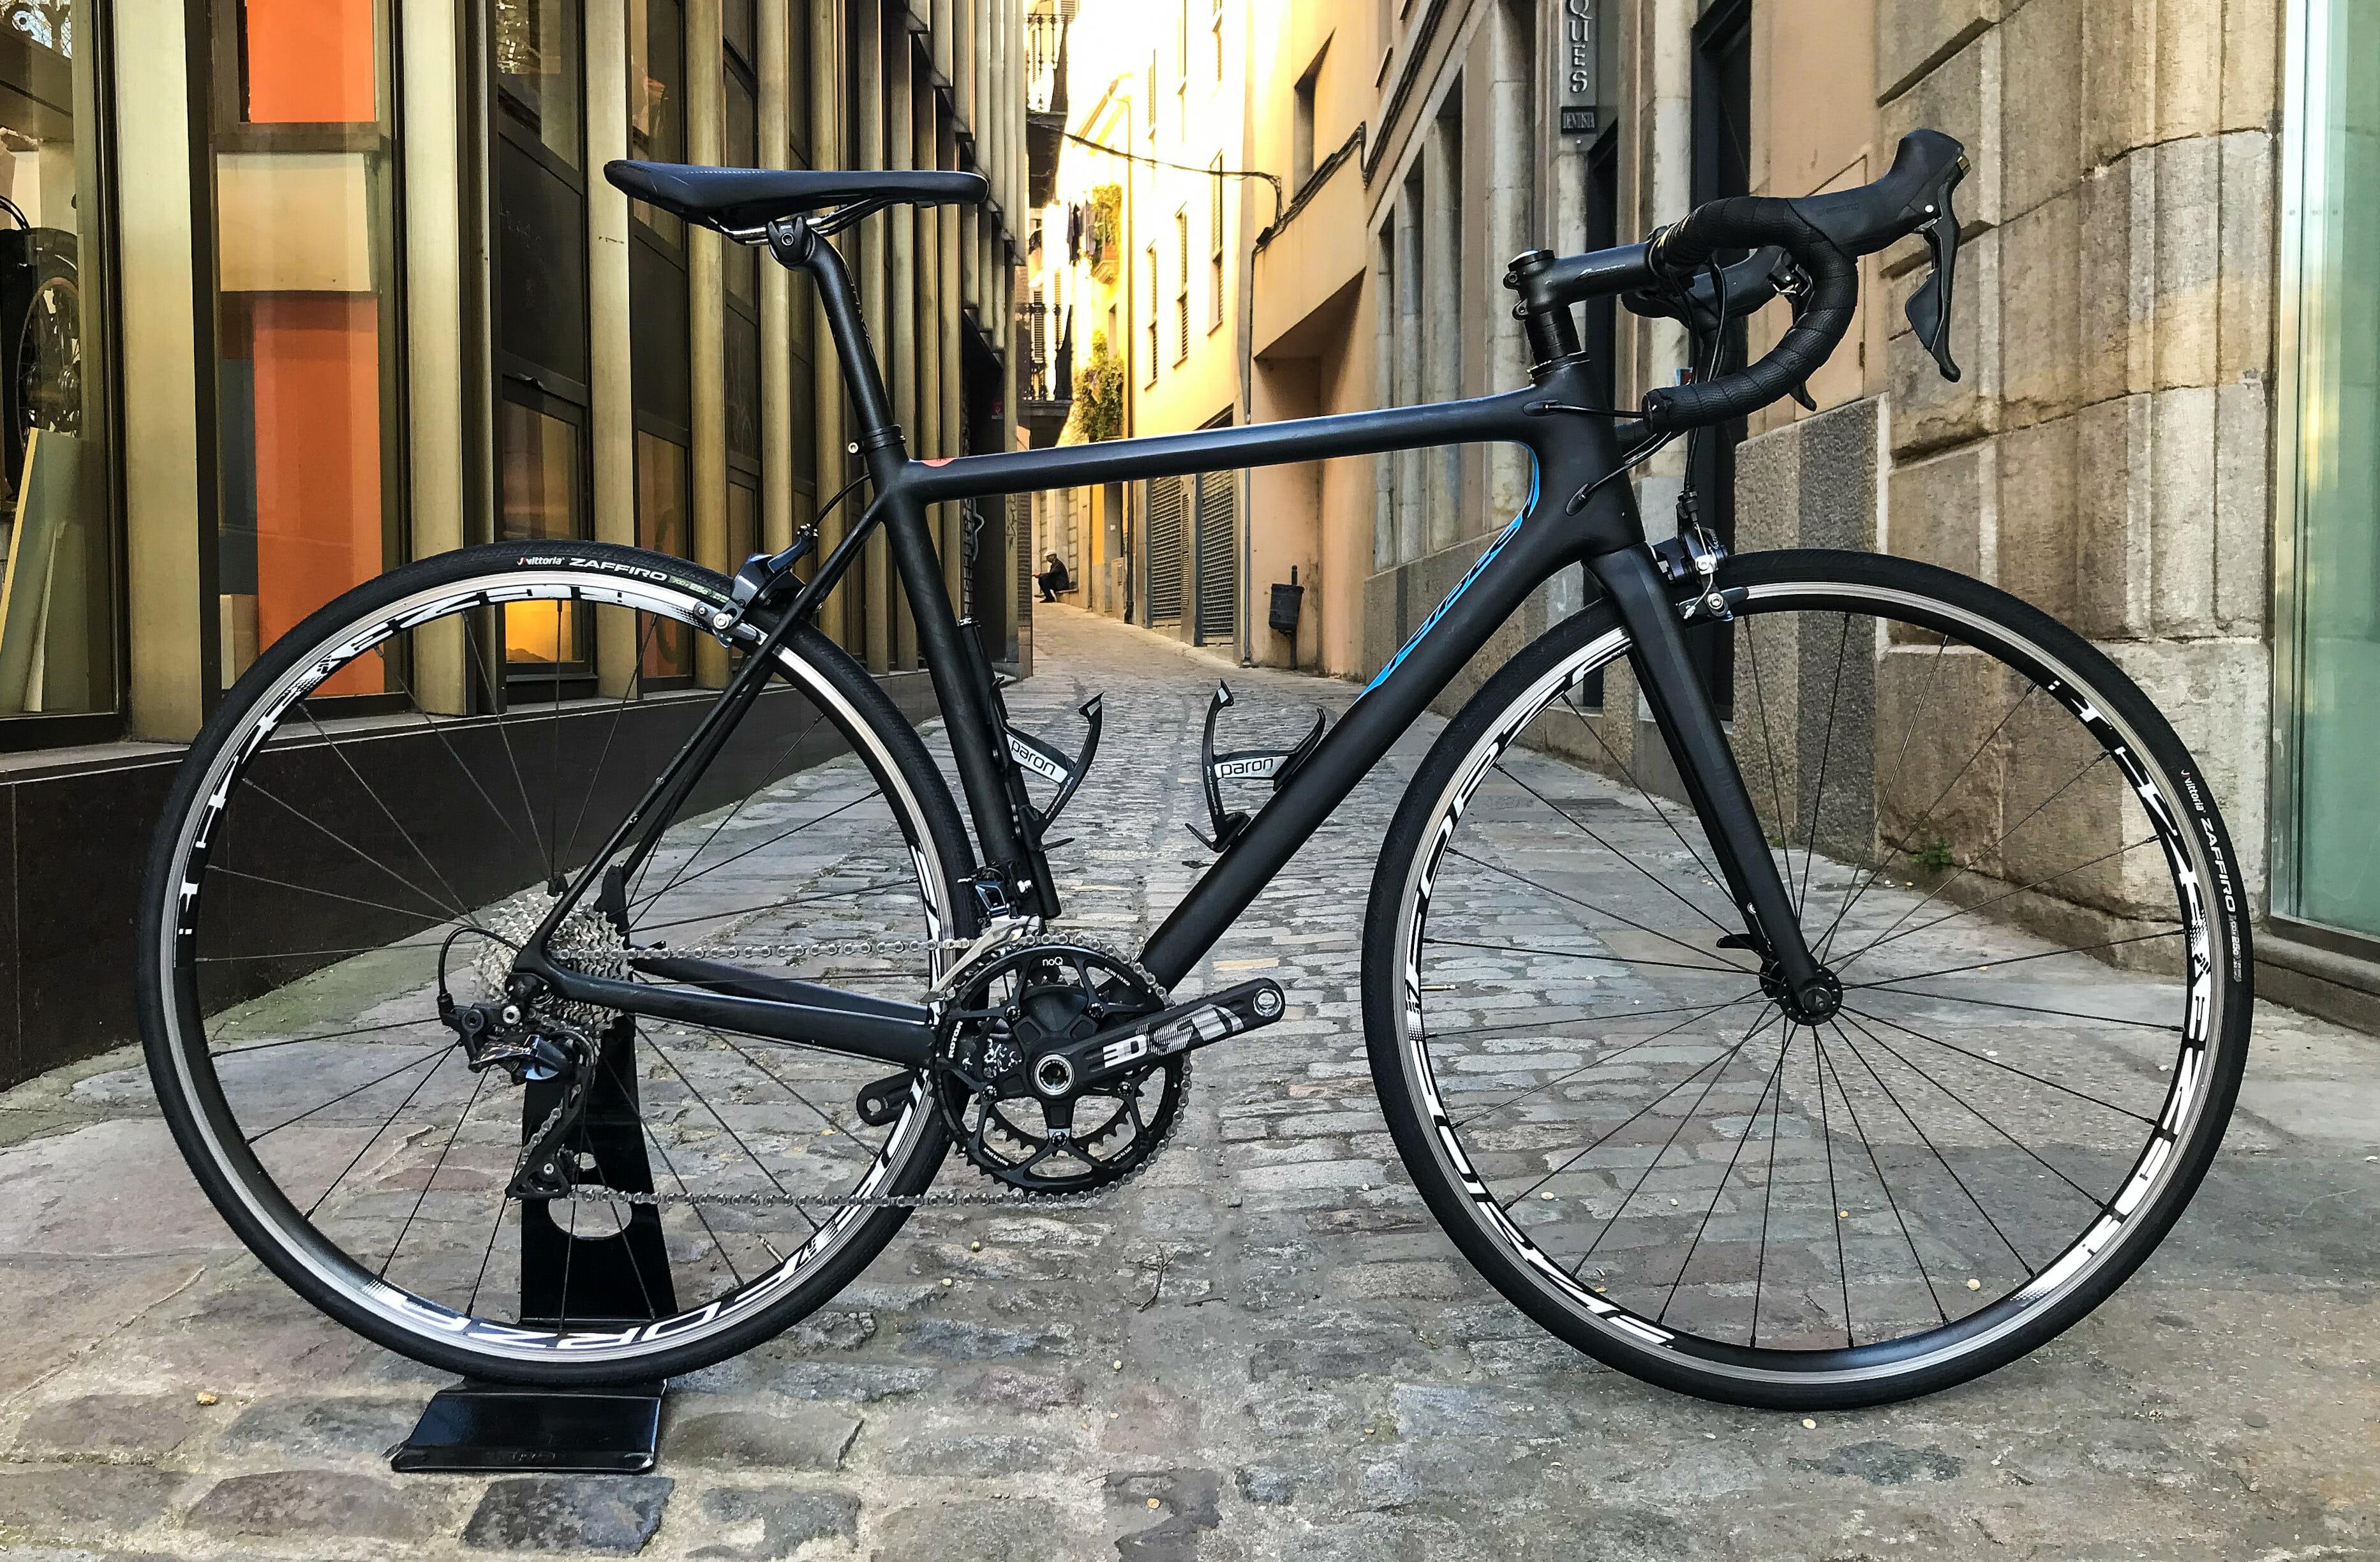 Bike-Rental-European-Bike-Holiday-Eat-Sleep-Cycle